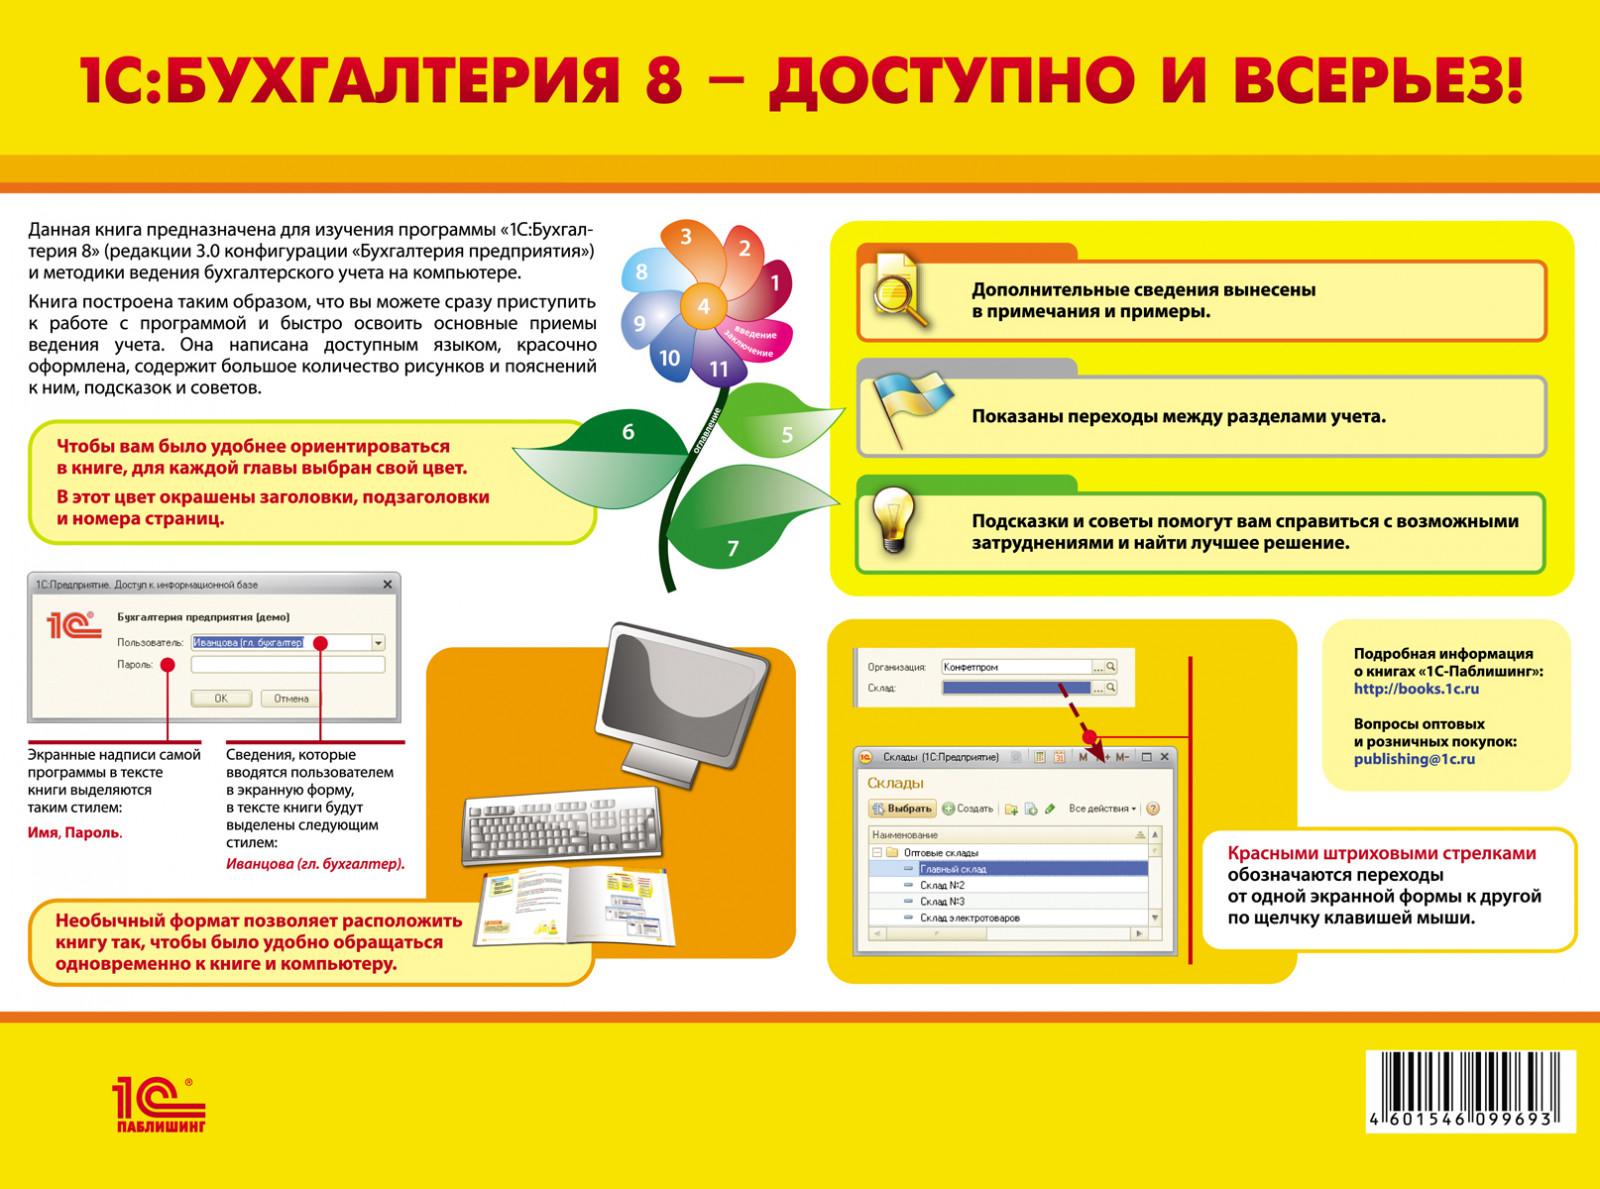 1с бухгалтерия 8 как на ладони онлайн штрафы за не подачу декларации ндфл 3